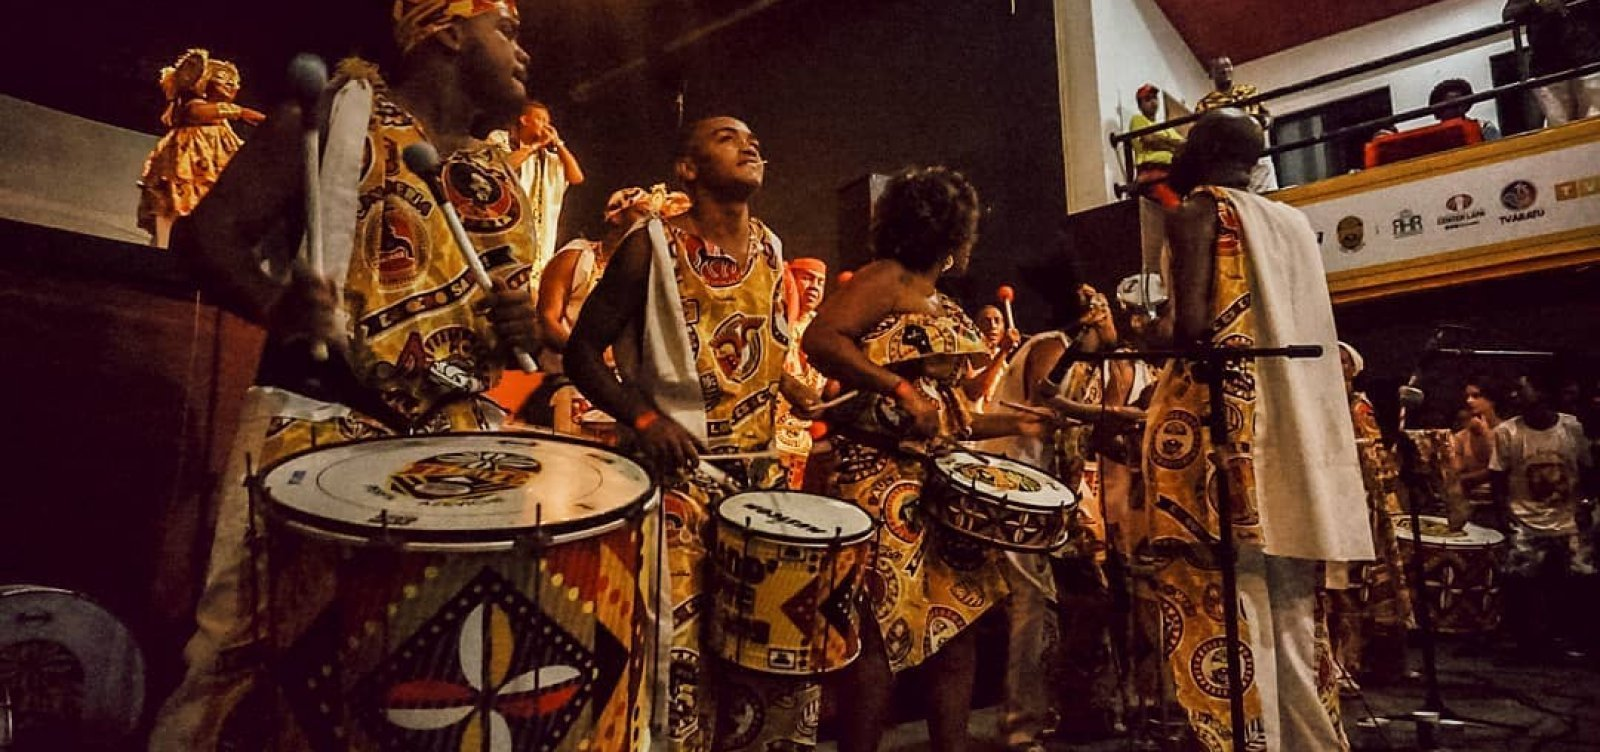 [Ilê Vivo: bloco afro faz sua primeira live direto do Curuzu]